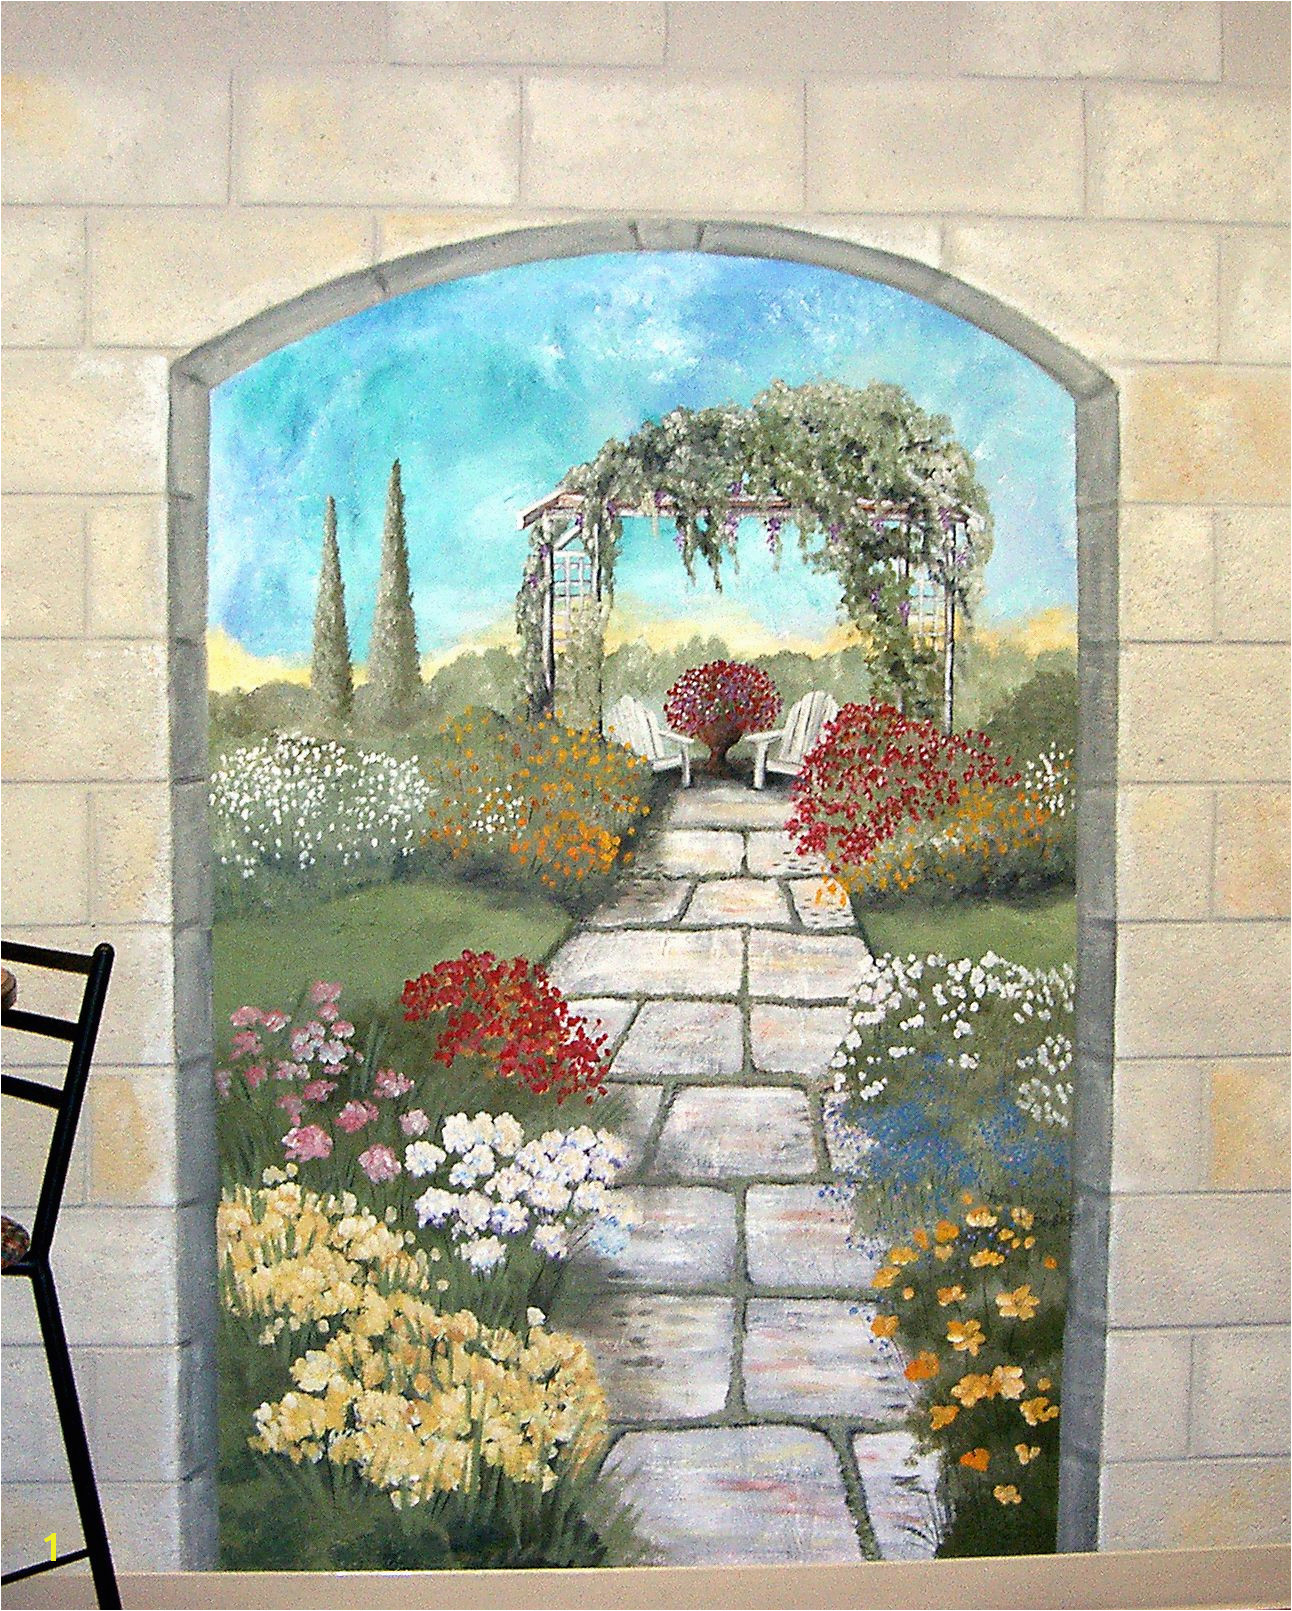 Italian Landscape Murals Garden Mural On A Cement Block Wall Colorful Flower Garden Mural